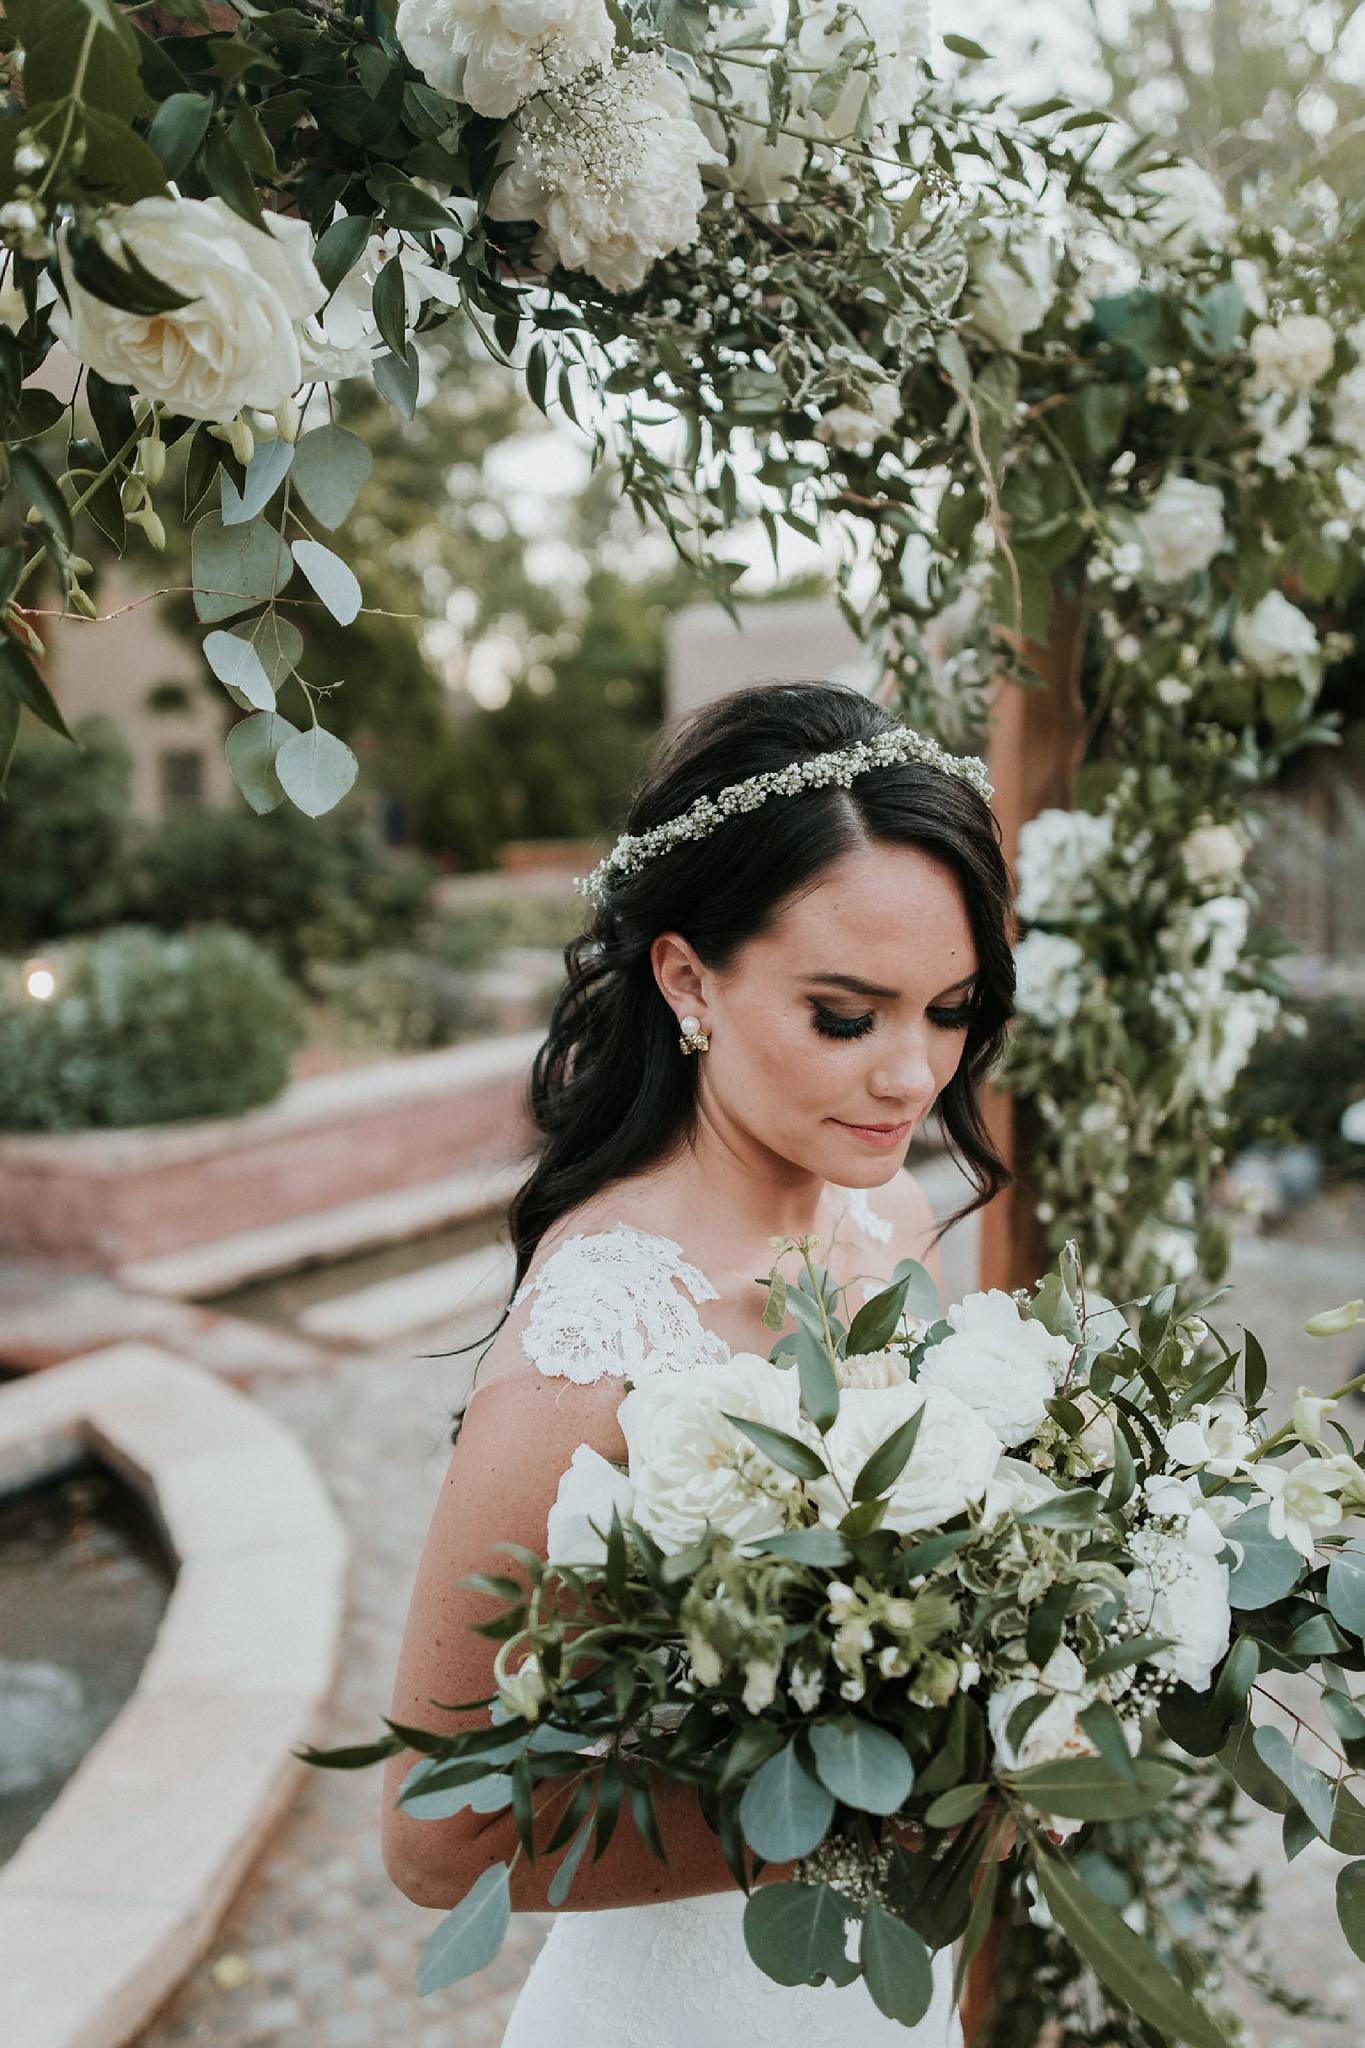 Alicia+lucia+photography+-+albuquerque+wedding+photographer+-+santa+fe+wedding+photography+-+new+mexico+wedding+photographer+-+wedding+ceremony+-+wedding+alter+-+floral+alter_0017.jpg